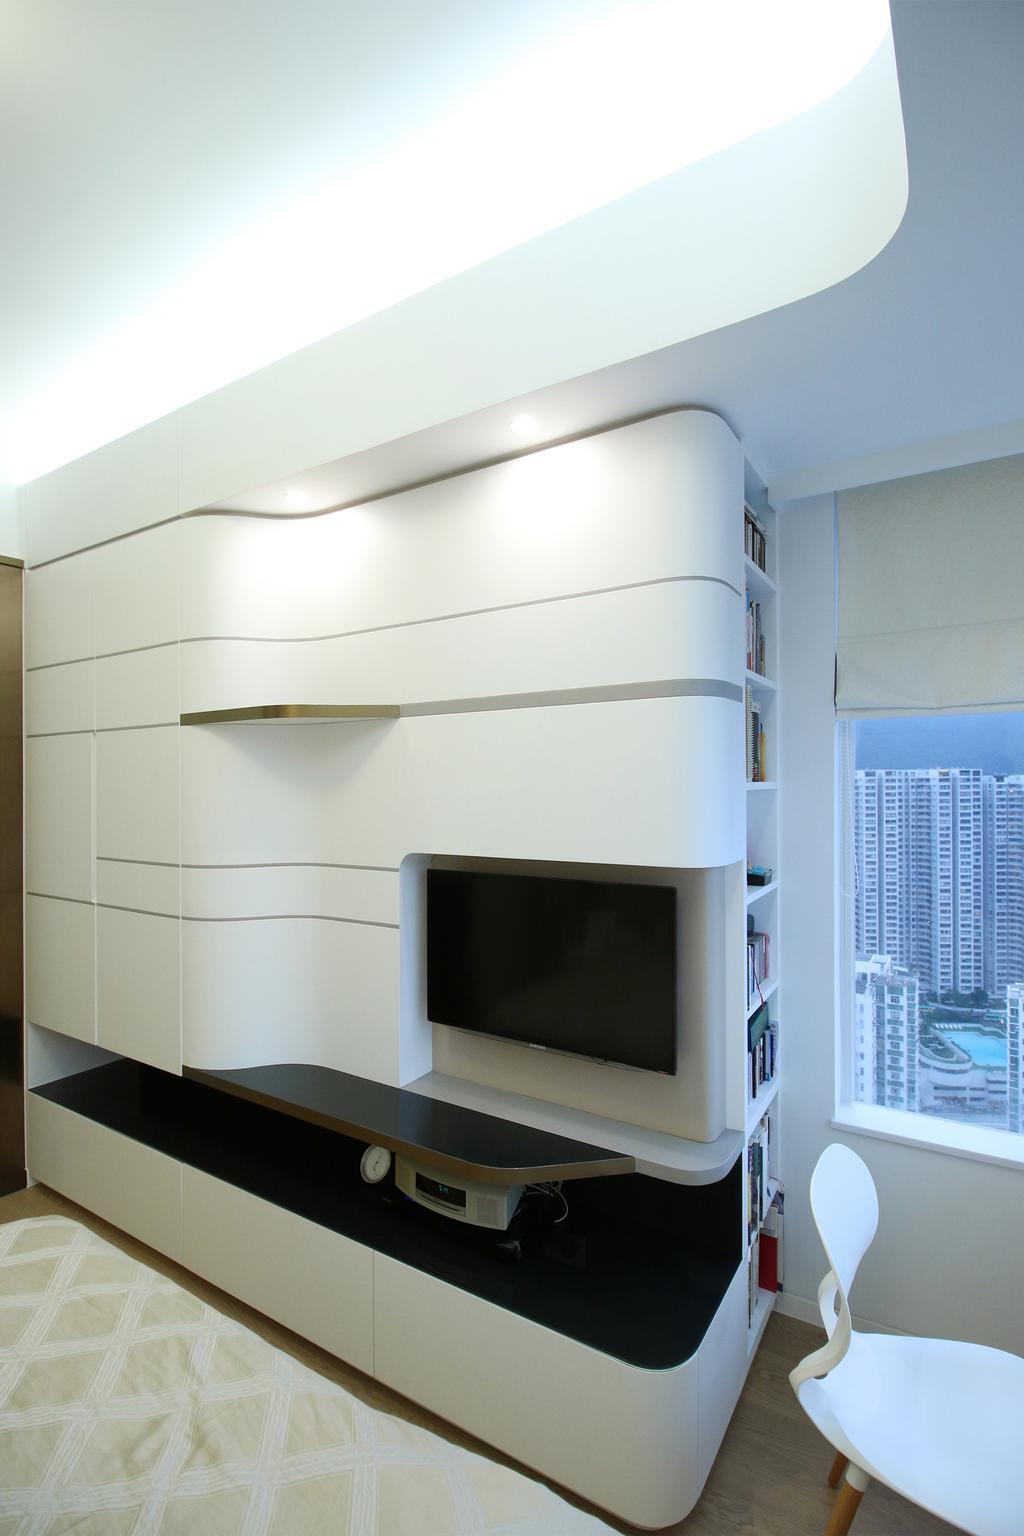 傳統, 私家樓, 睡房, 逸樺園, 室內設計師, EMCS, Bookcase, Furniture